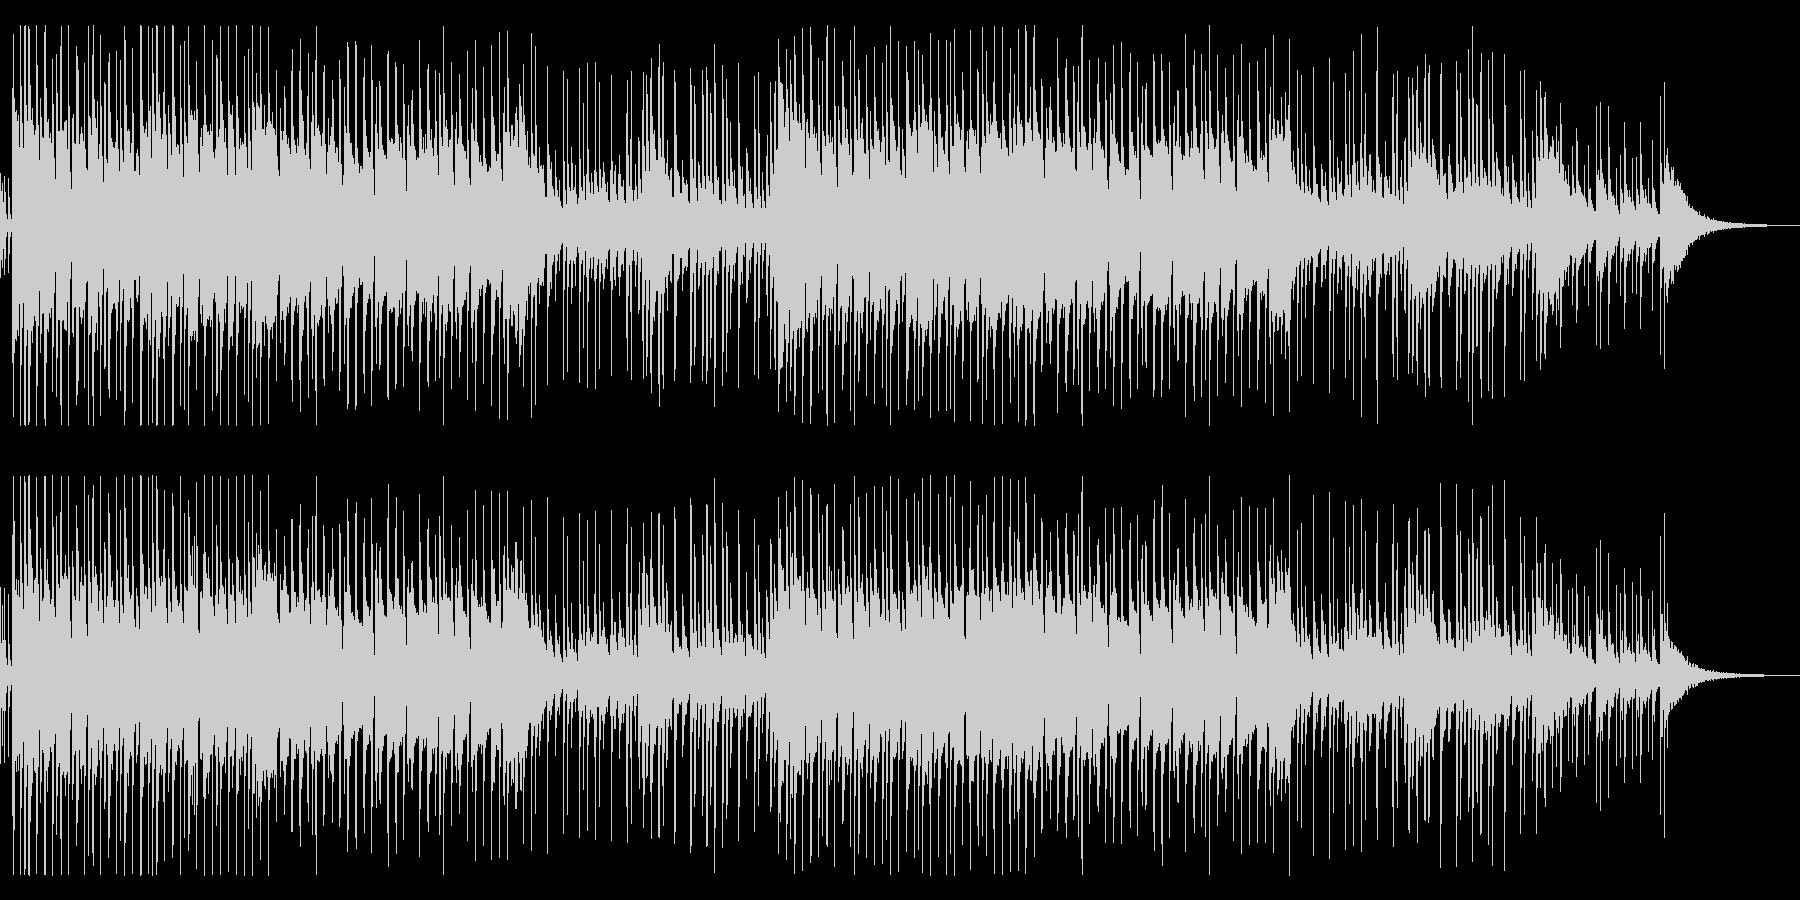 二胡の旋律が印象的なアジア風BGMの未再生の波形